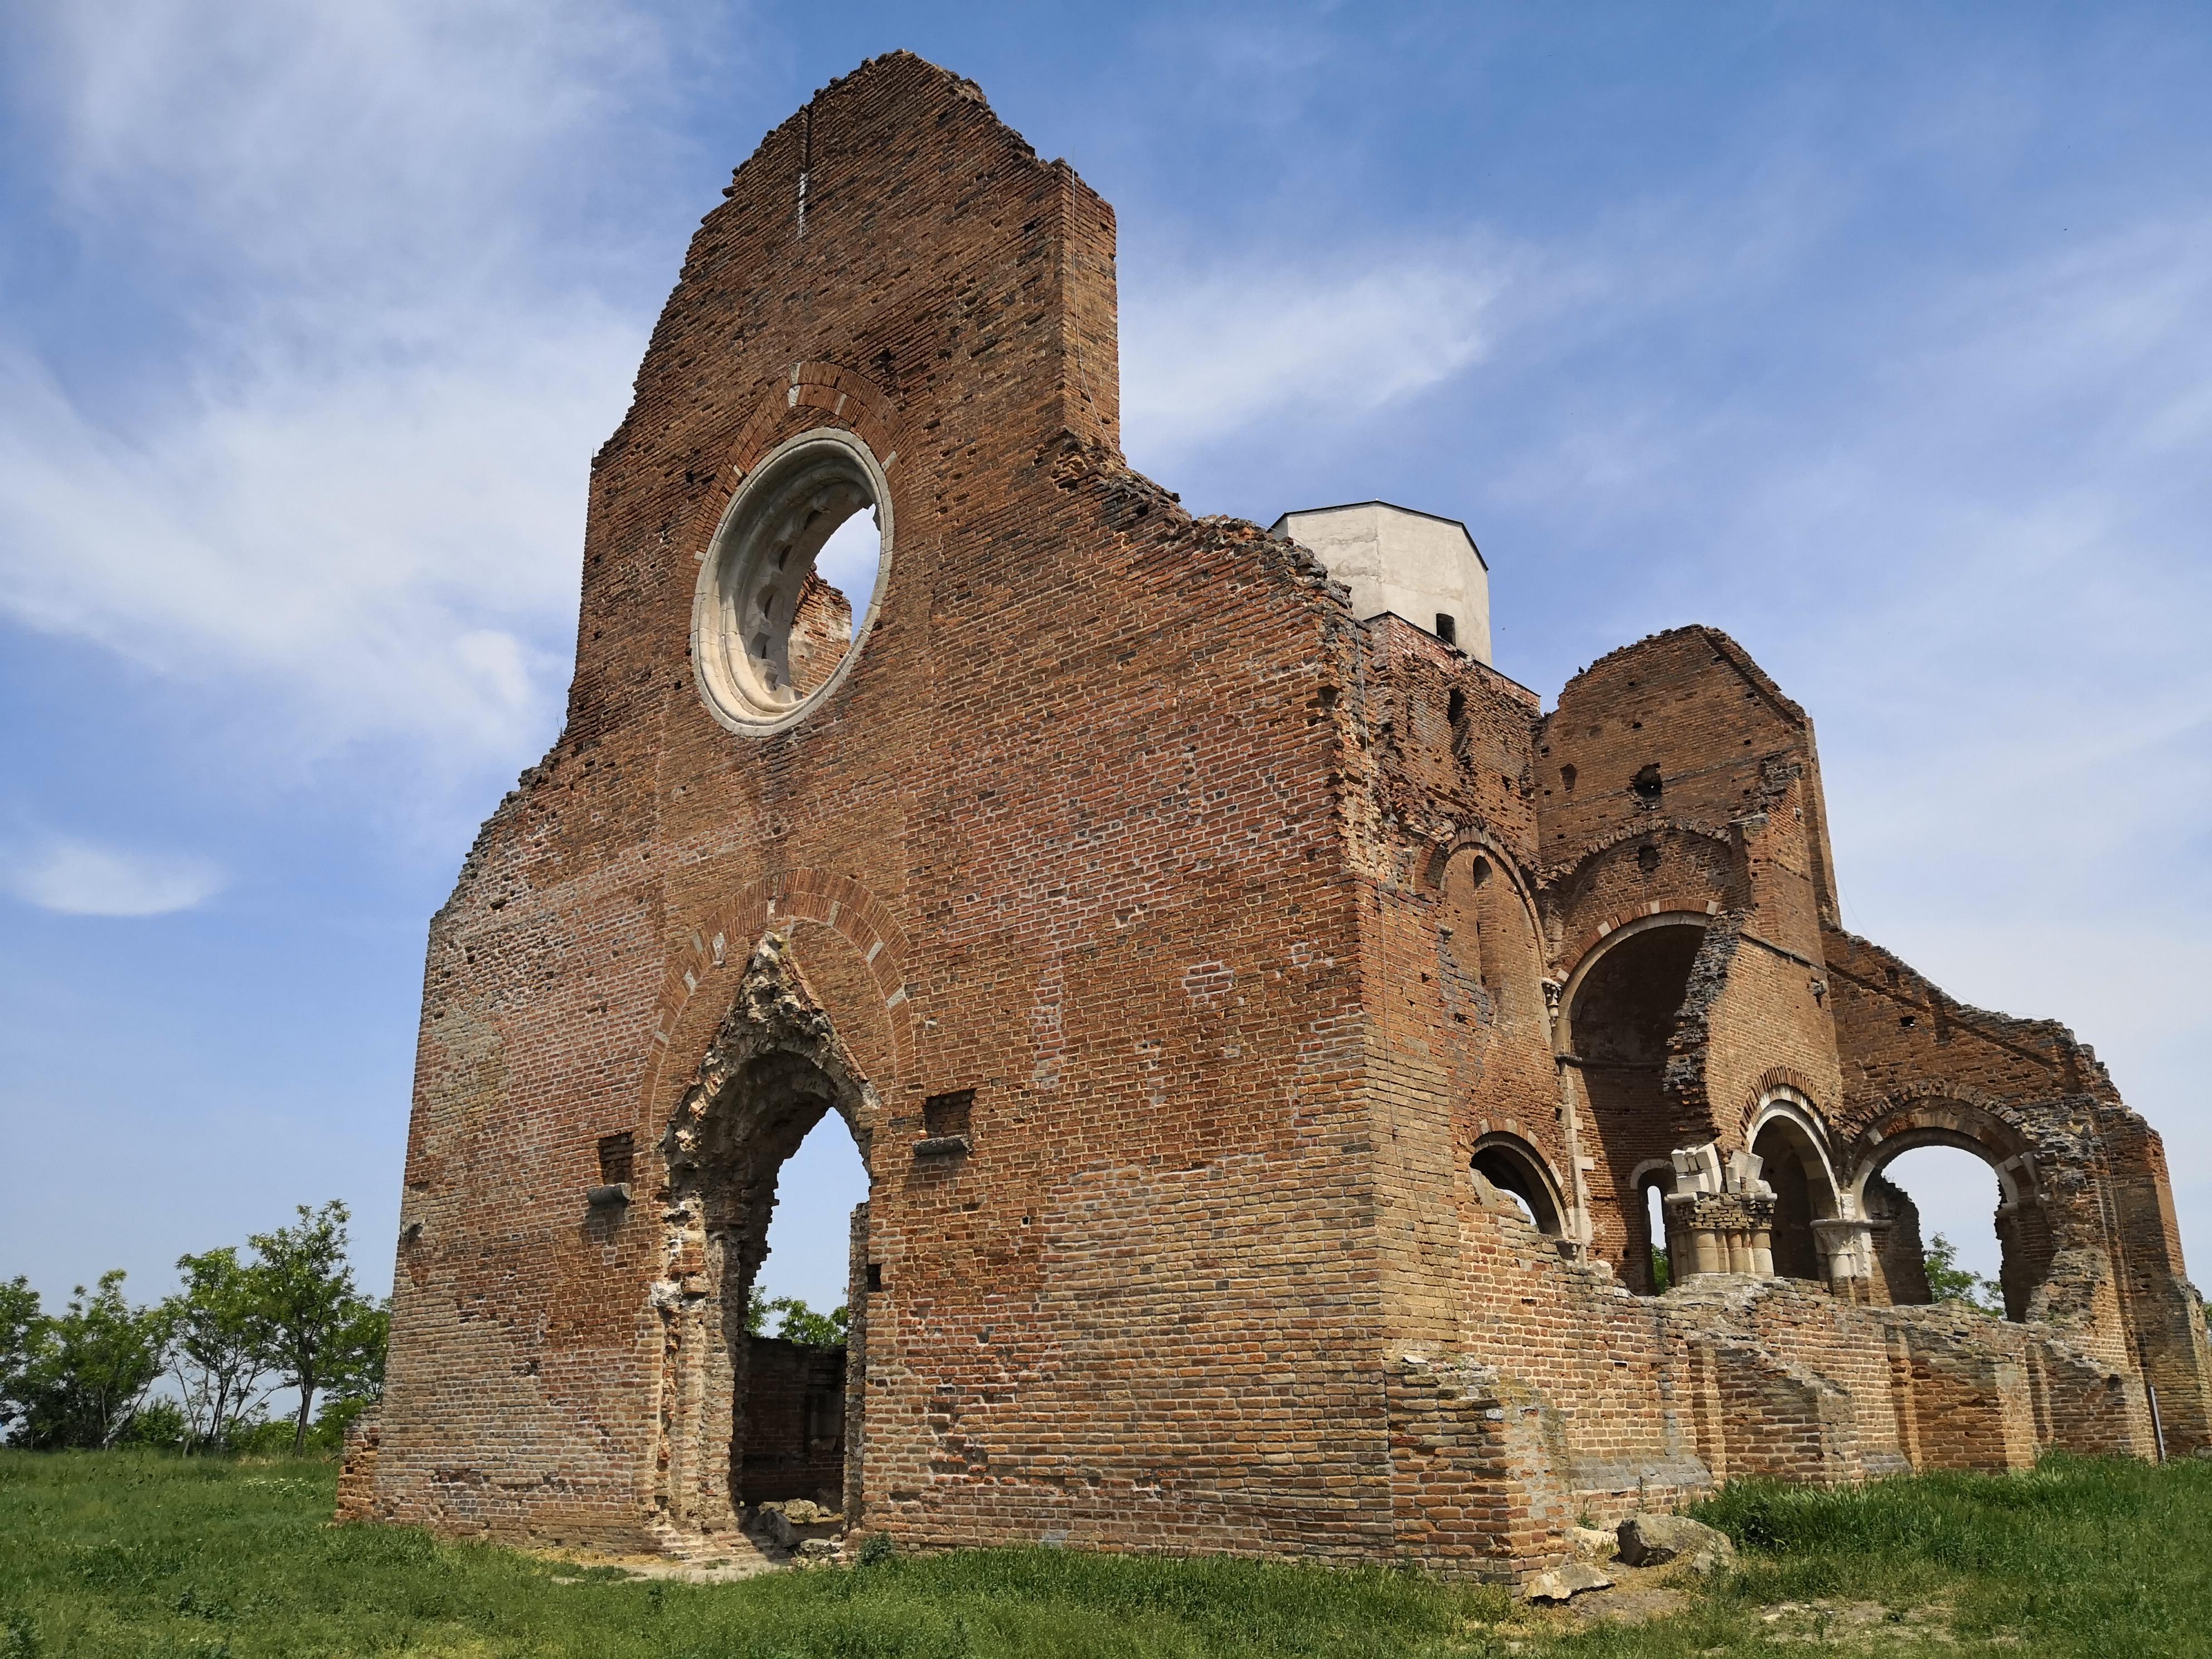 U sred ravnice počiva crkva: Arača krije tajne i zove da je posetite